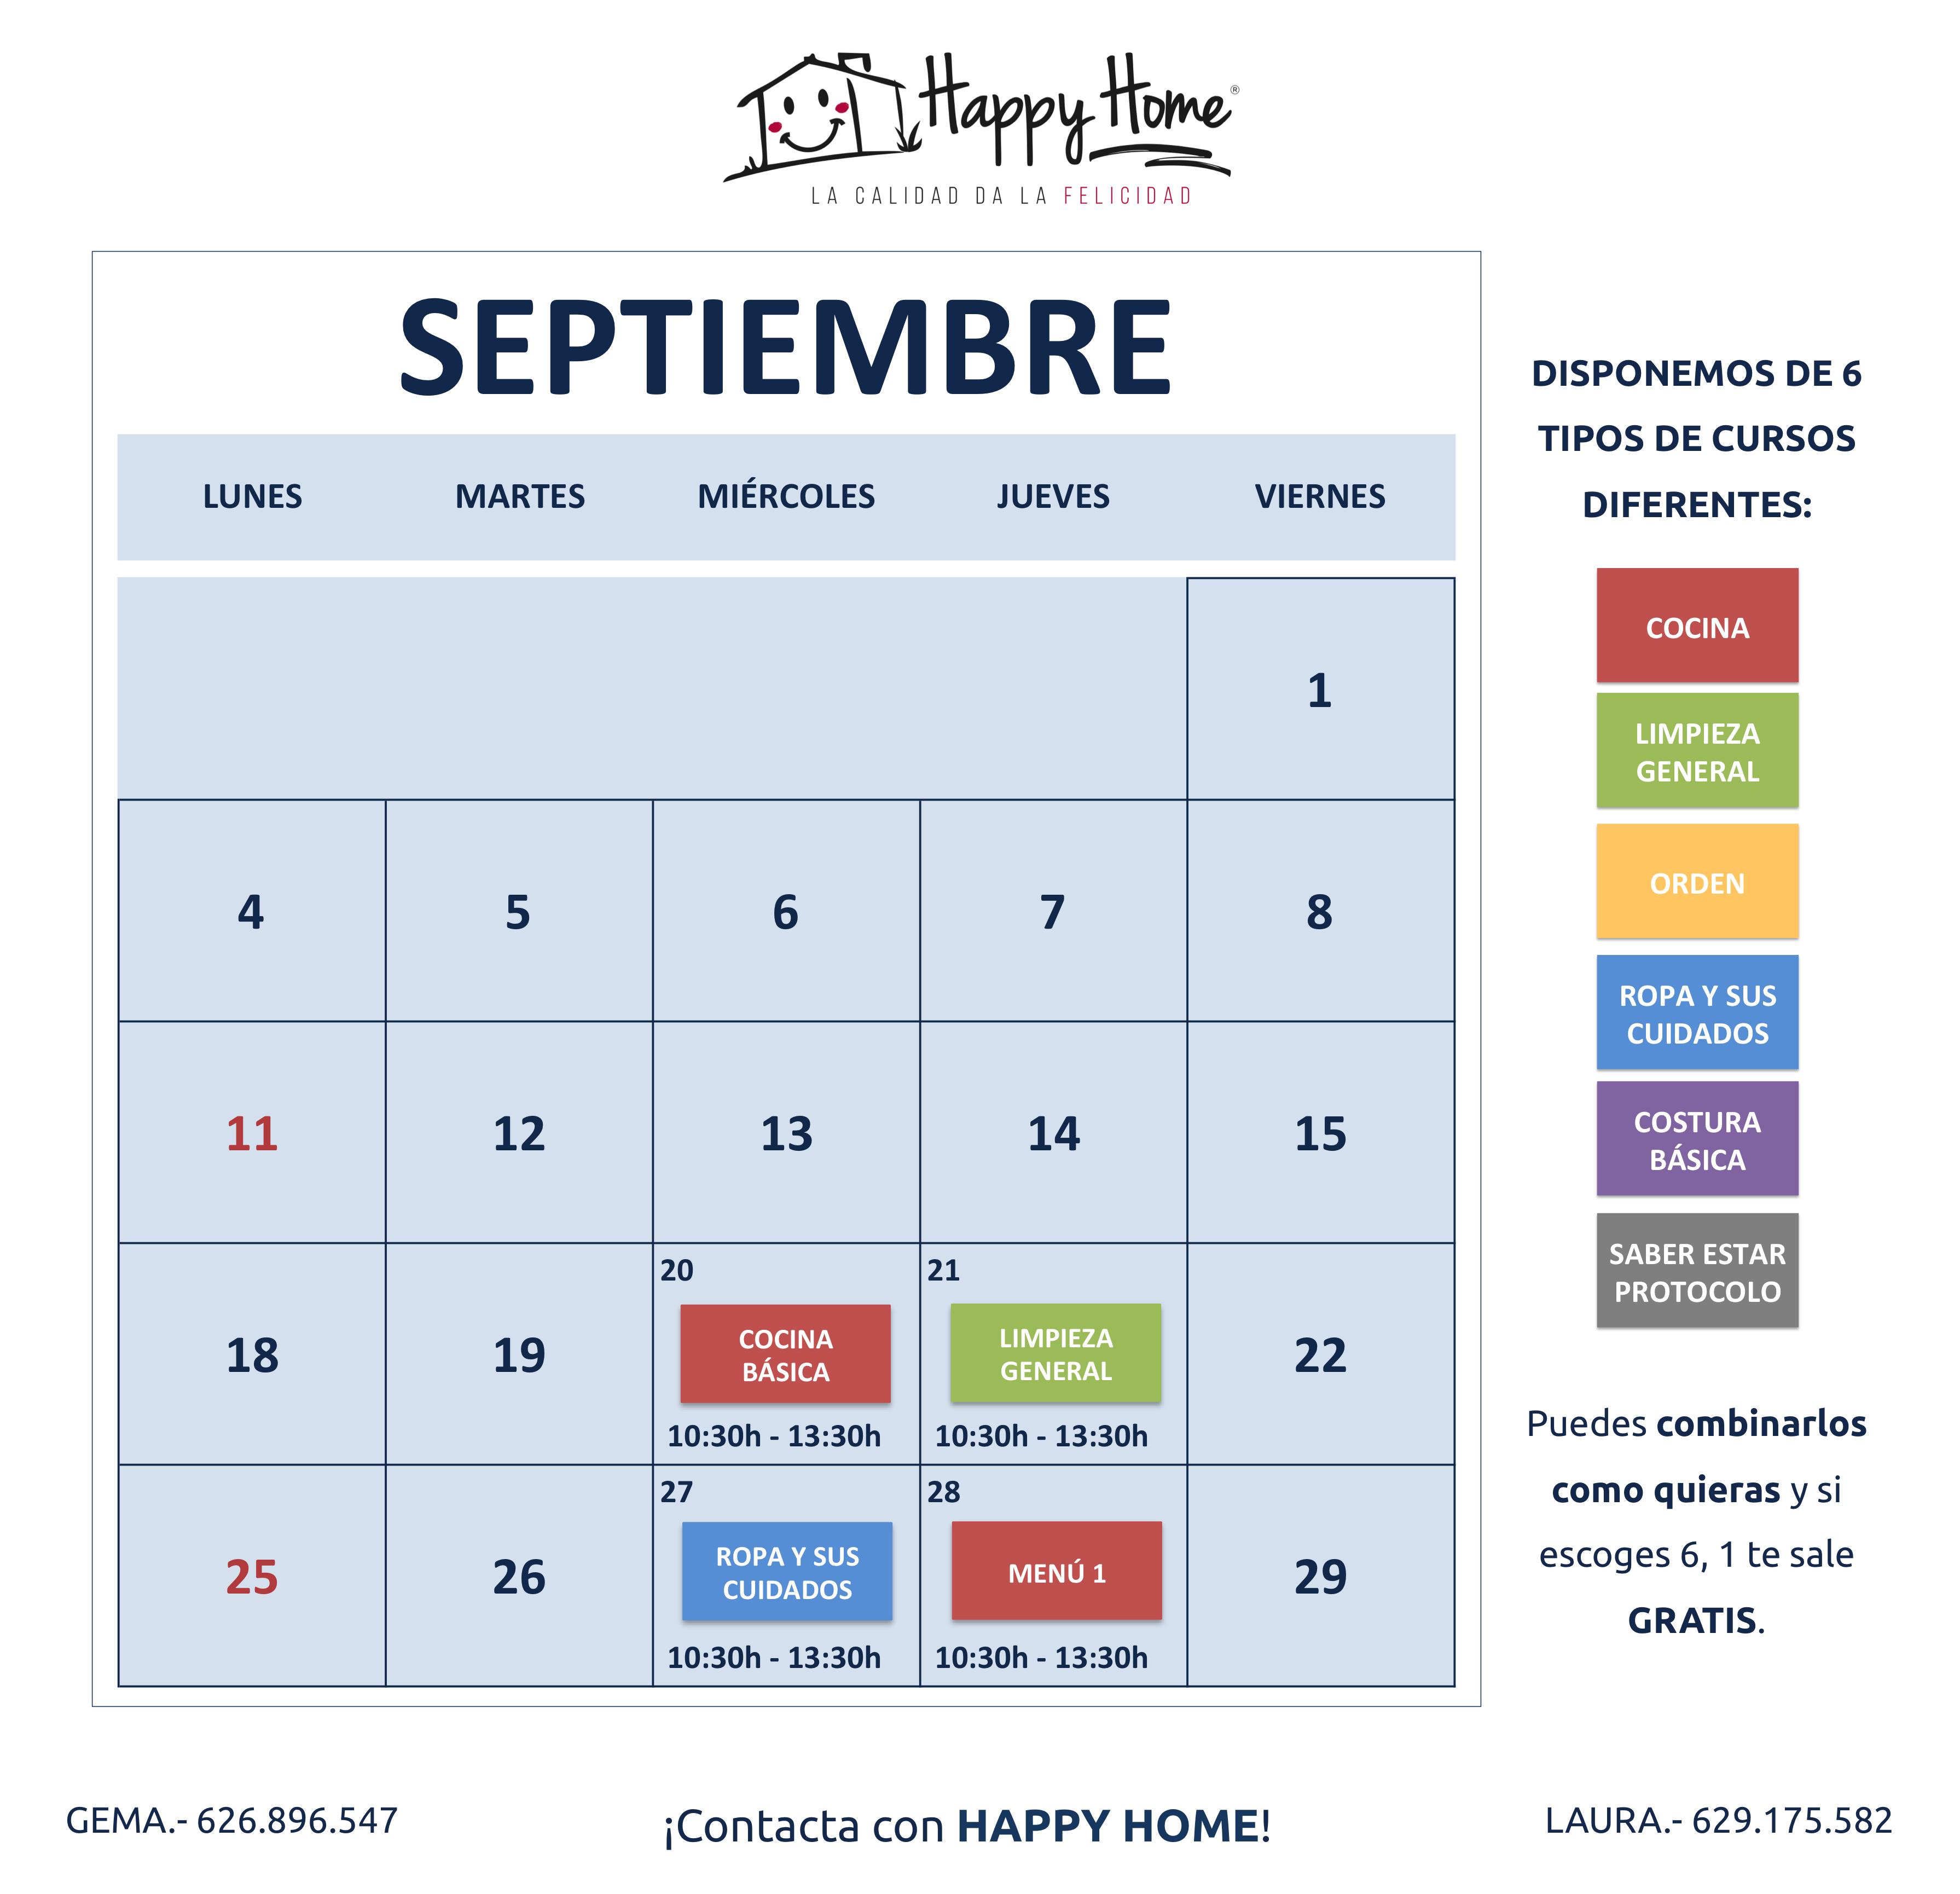 Taller de cocina para empleadas del hogar barcelona - Cursos de cocina barcelona gratis ...